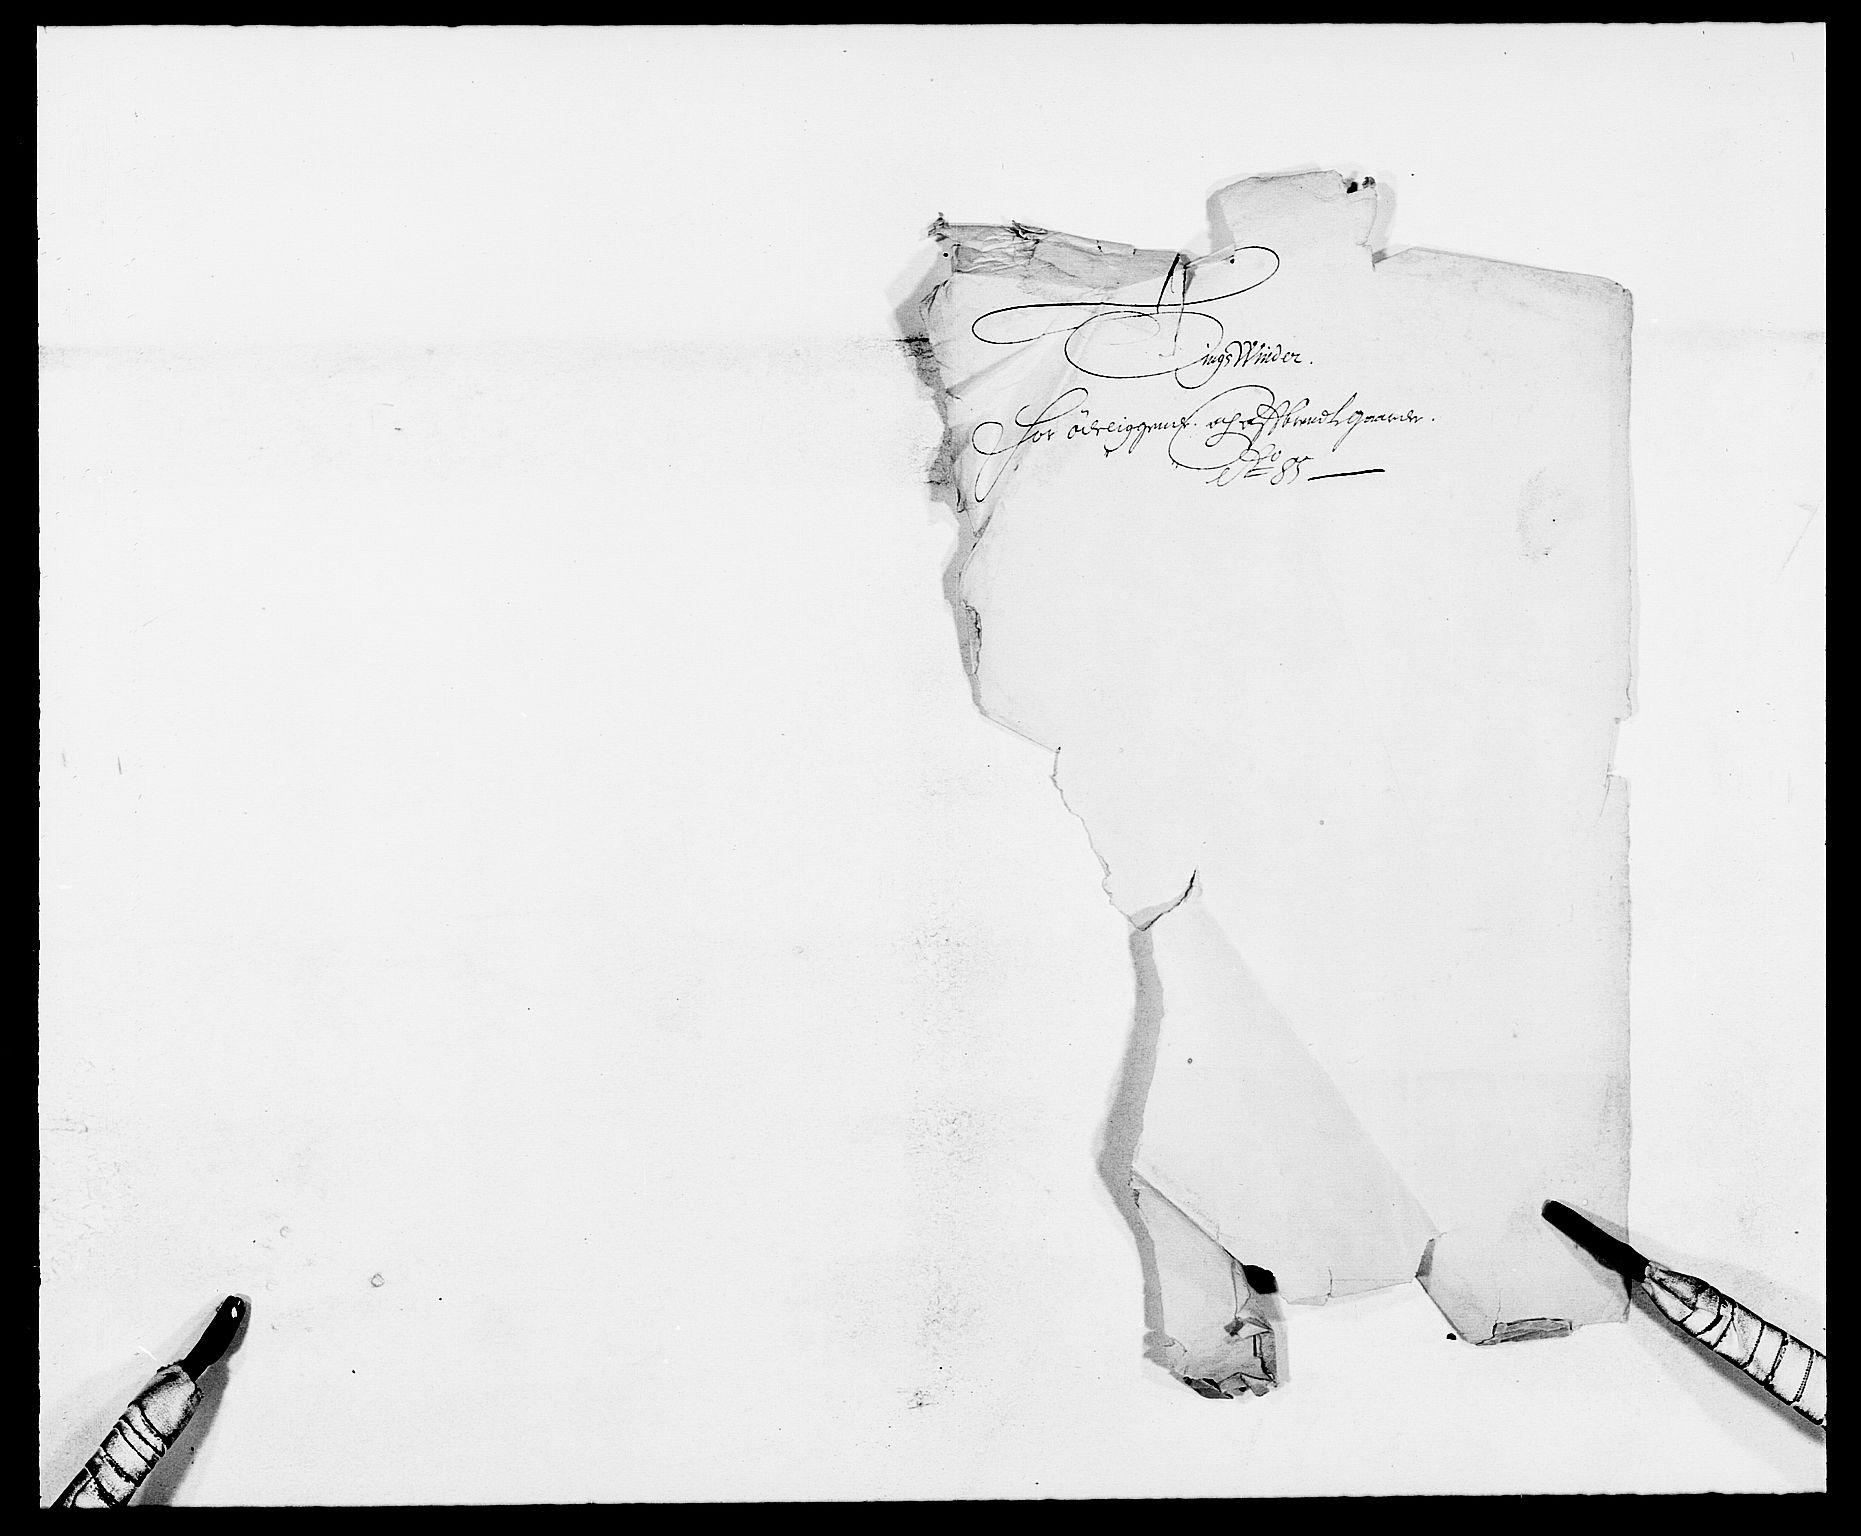 RA, Rentekammeret inntil 1814, Reviderte regnskaper, Fogderegnskap, R12/L0699: Fogderegnskap Øvre Romerike, 1685-1686, s. 92